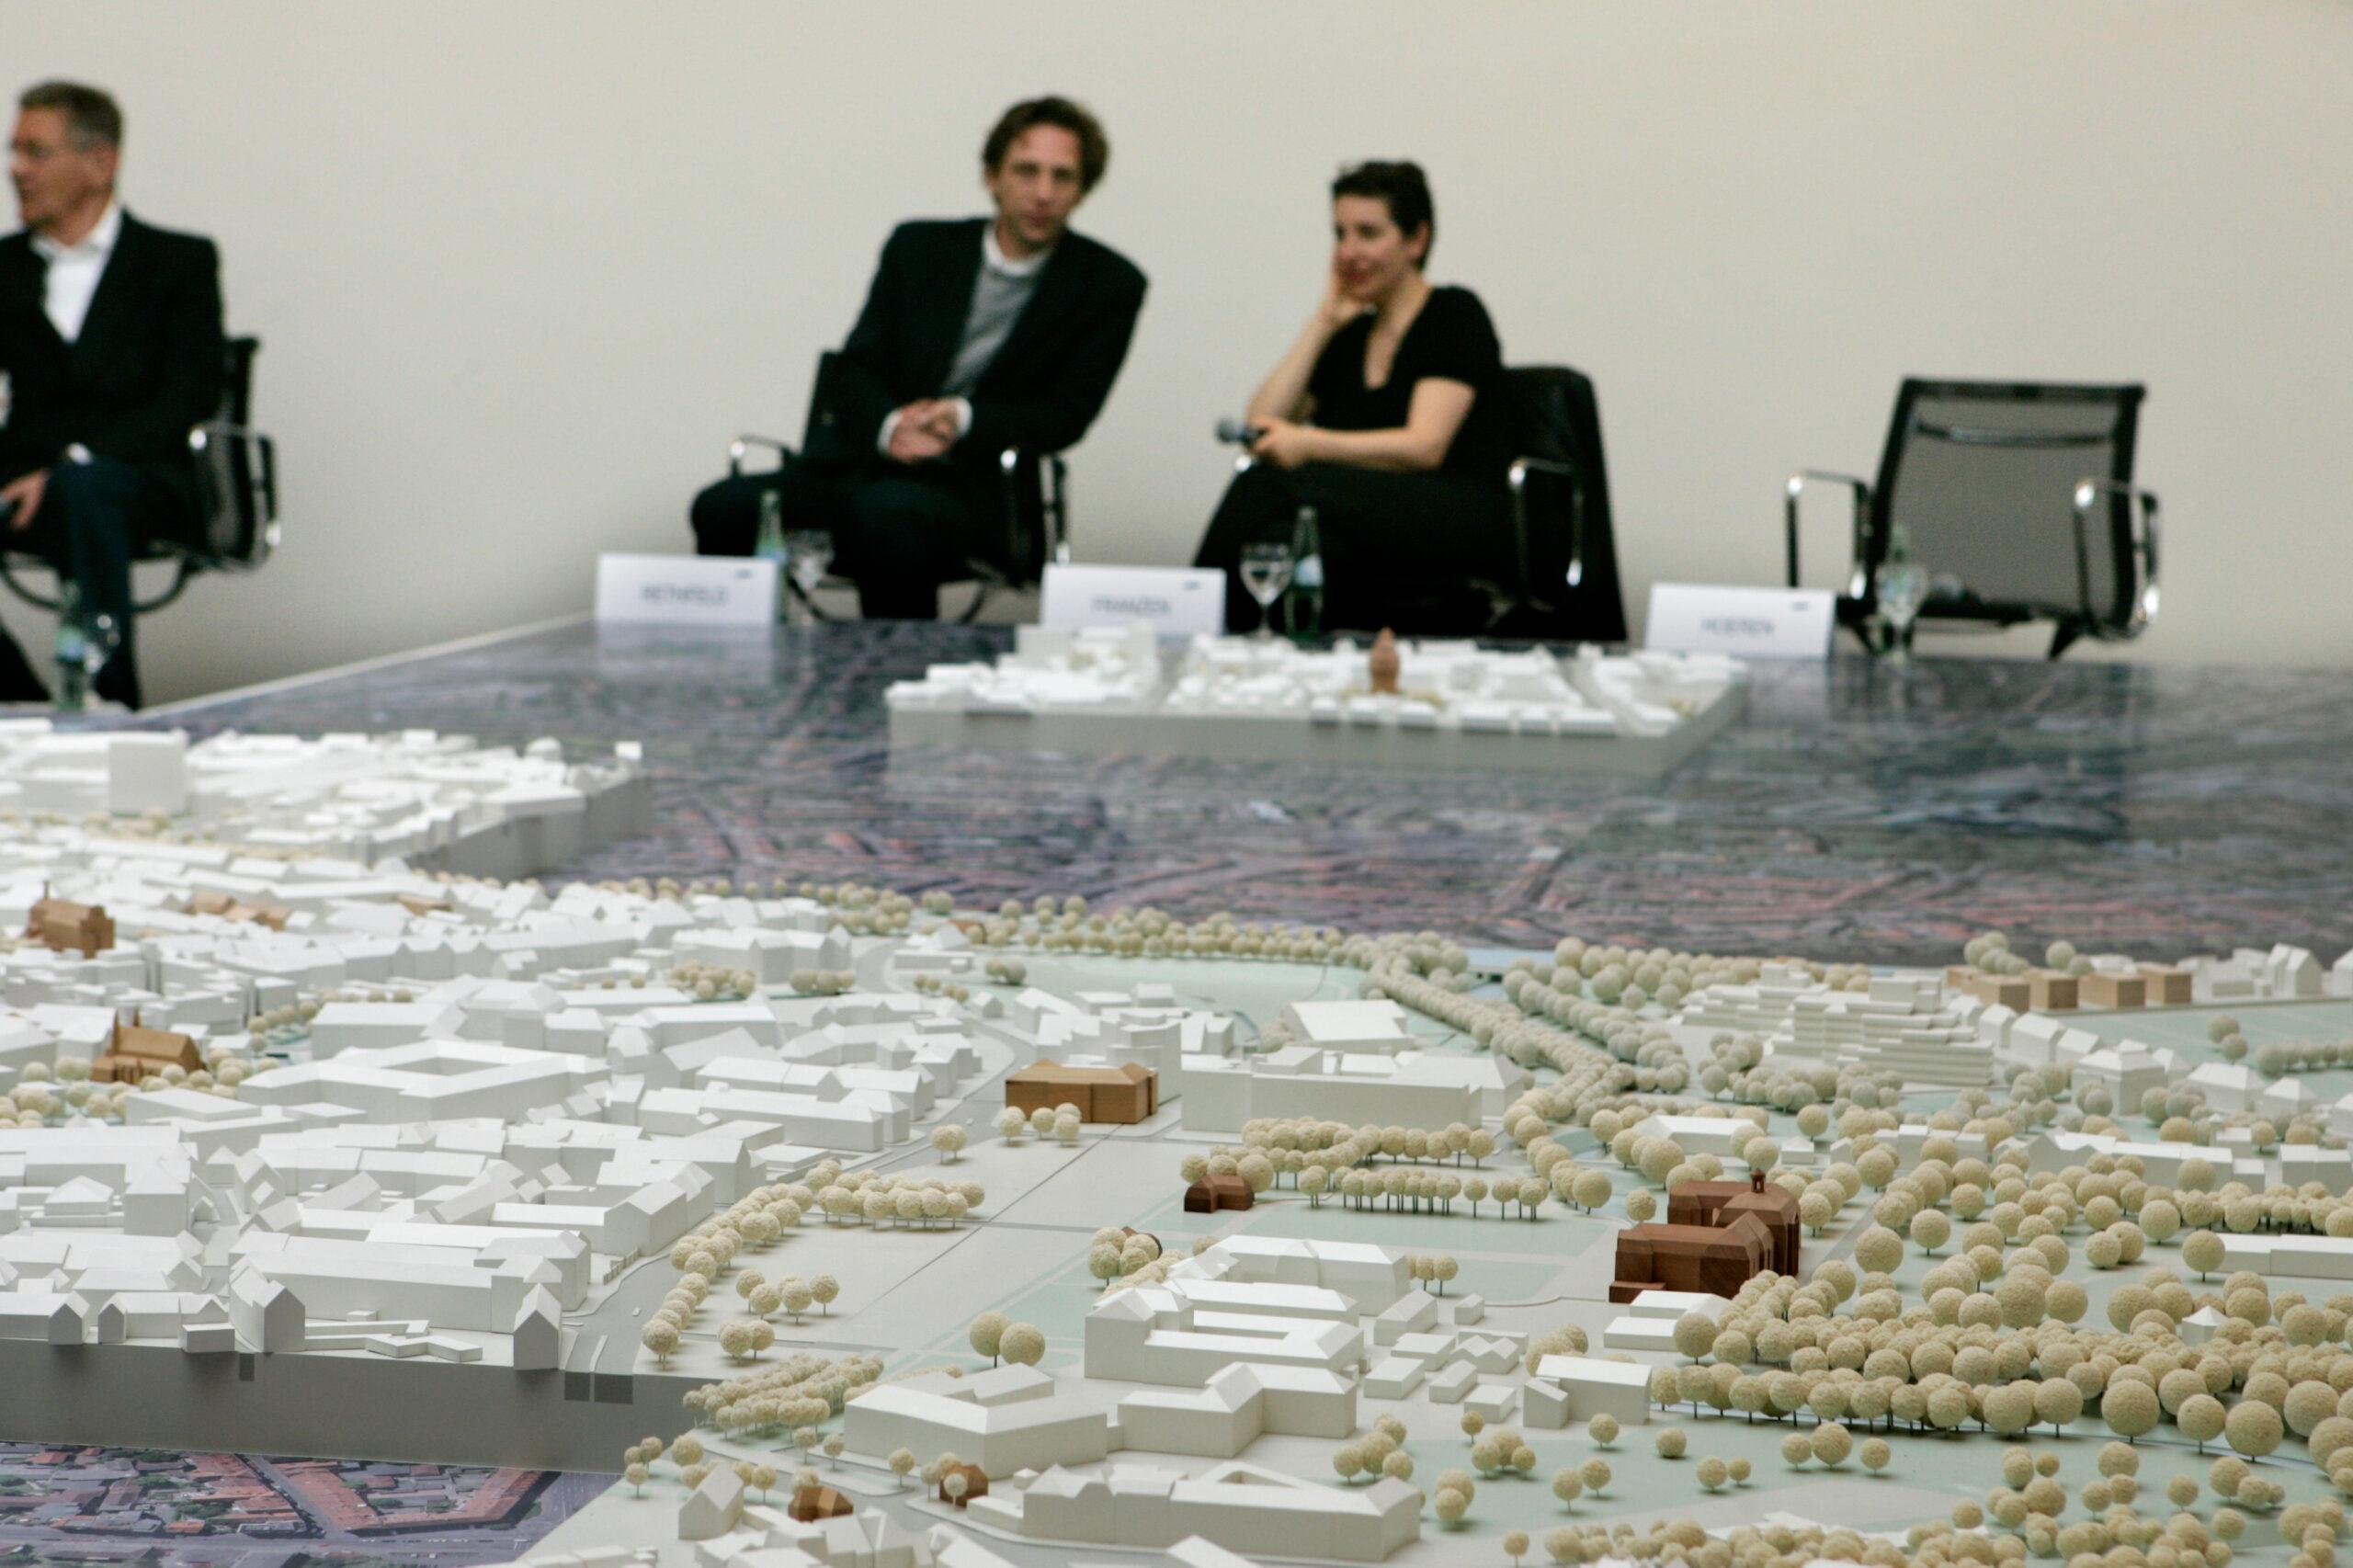 Münster Modell: Ortstermin 5 - Podiumdiskussion um den Hindenburgplatz (2008), Stefan Rethfeld, Brigitte Franzen - Foto: MünsterView/Tronquet